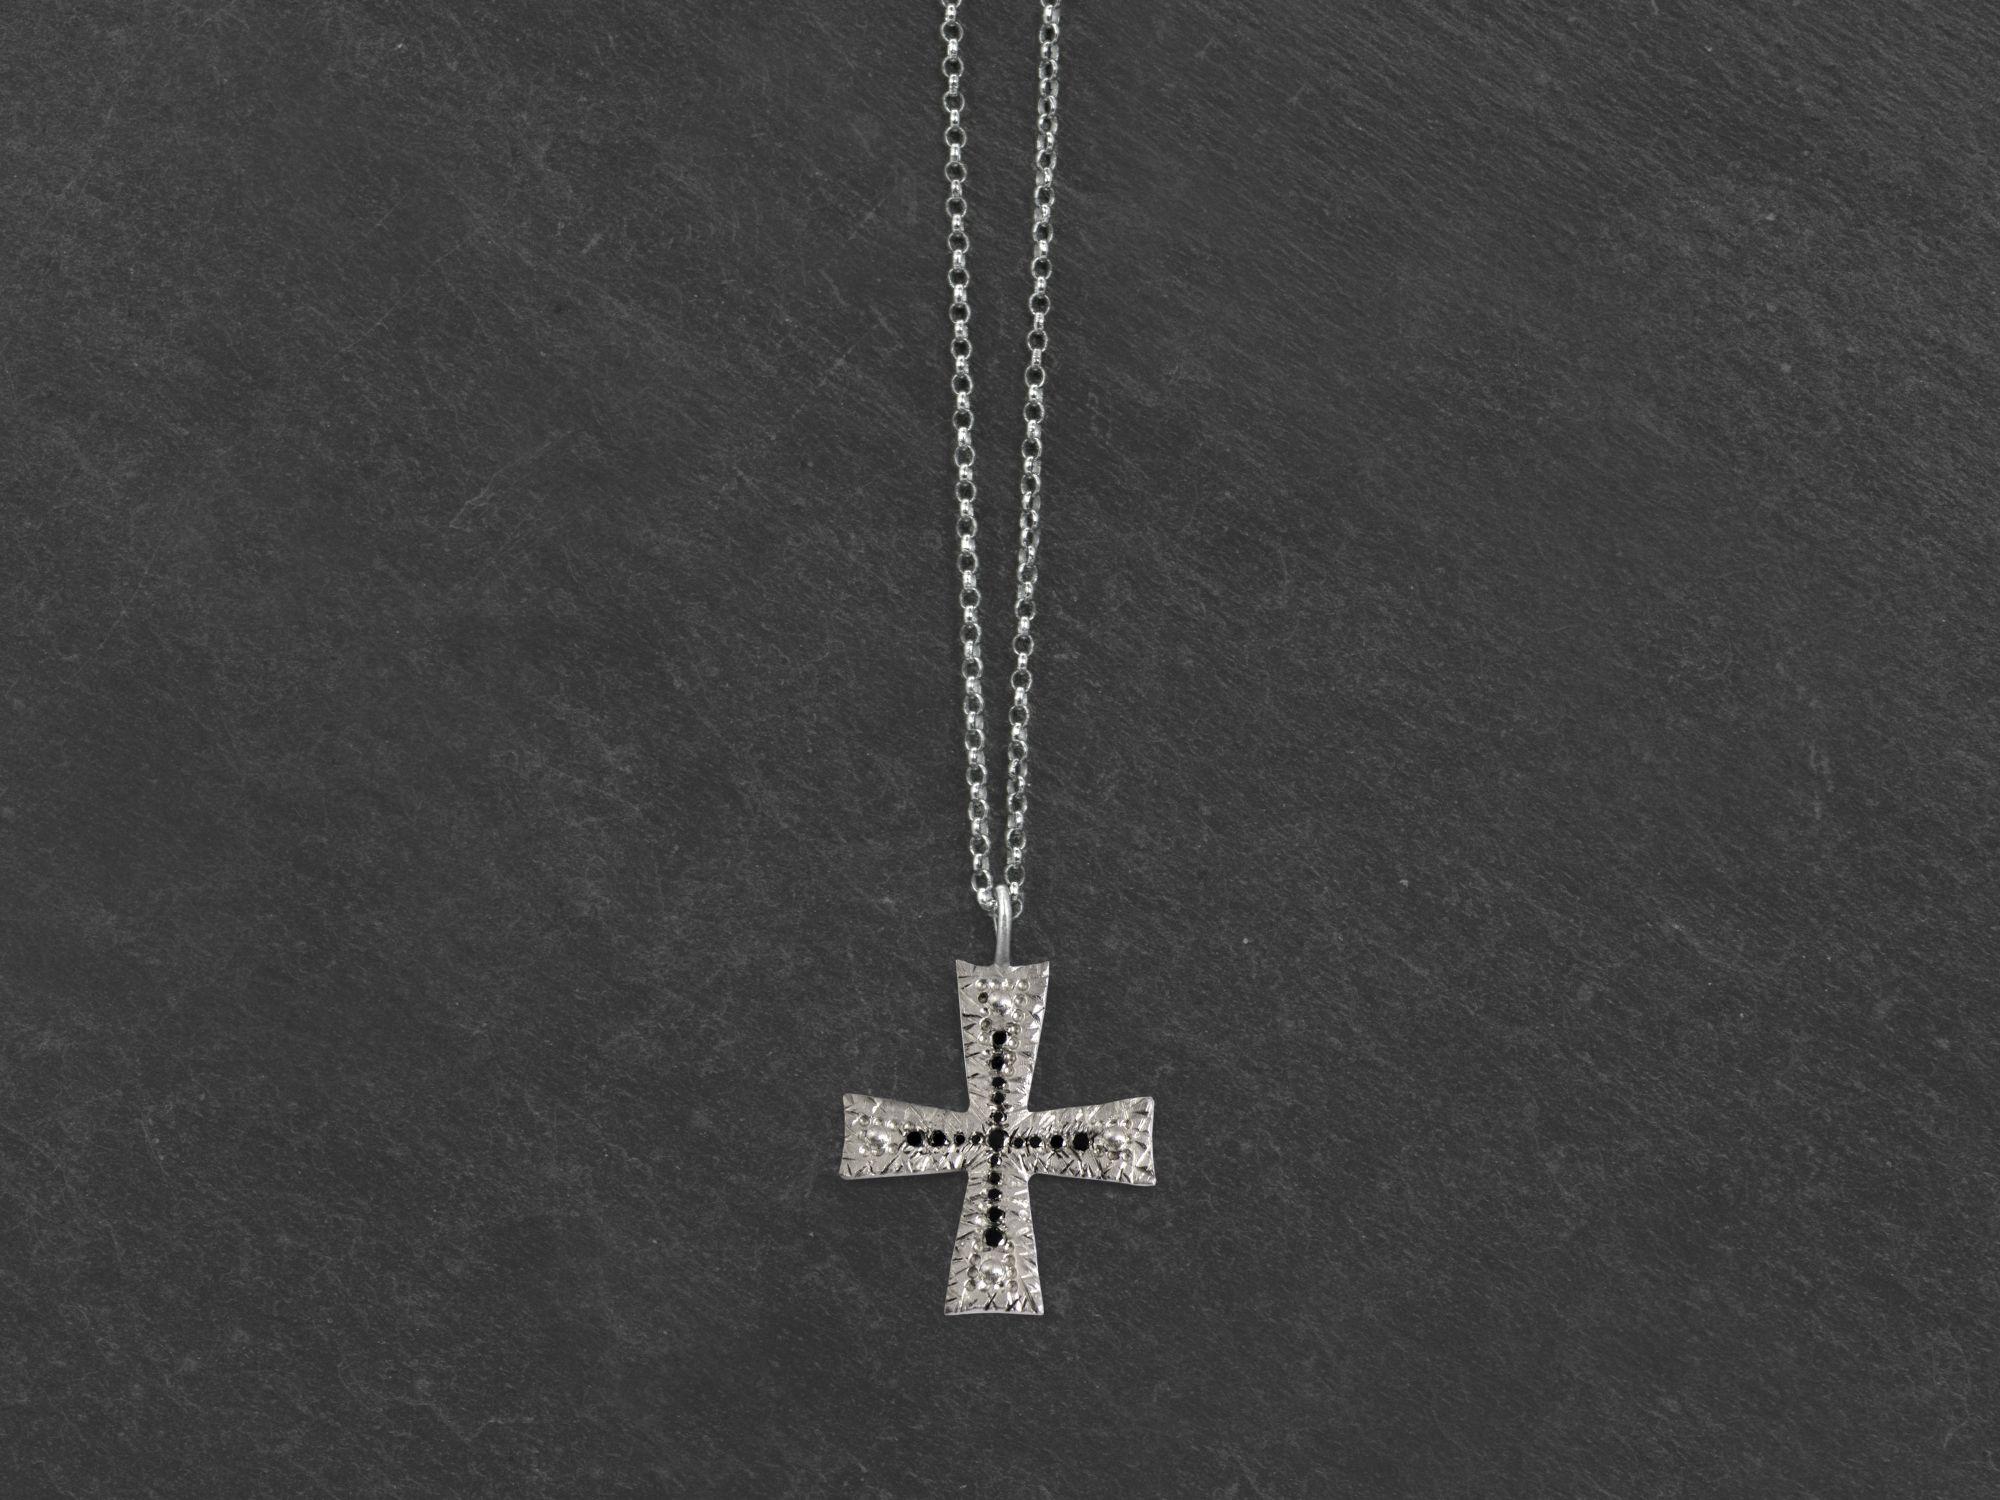 Collier Torcello argent rhodié diamants noirs homme par Emmanuelle Zysman